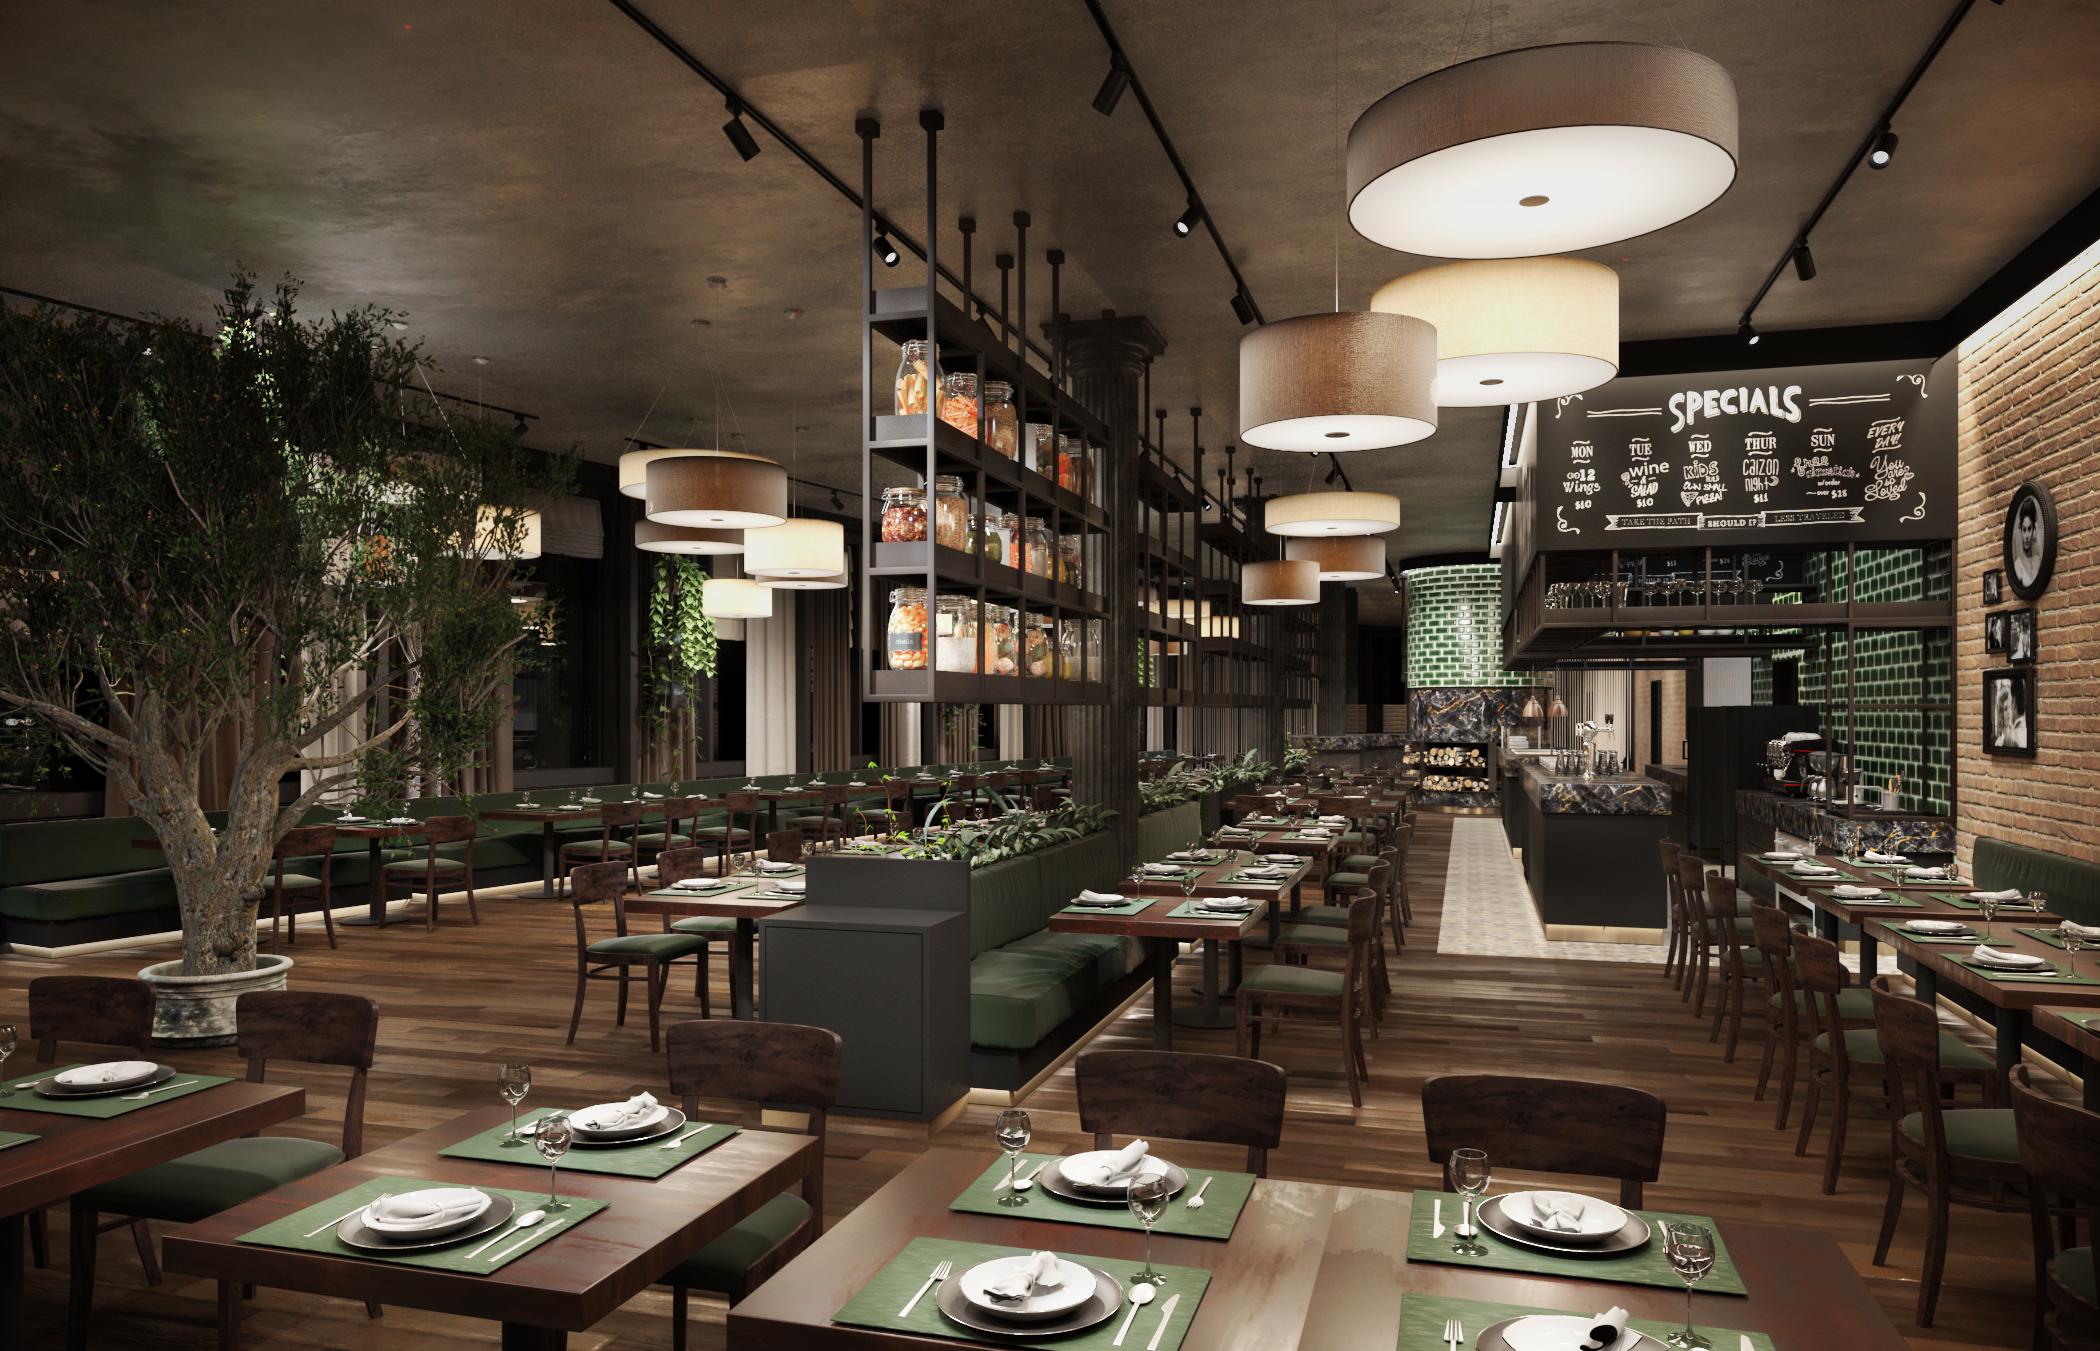 https://martinuzzi.ch/wp-content/uploads/2019/12/Doppio_gusto__restaurant_4-1.jpg